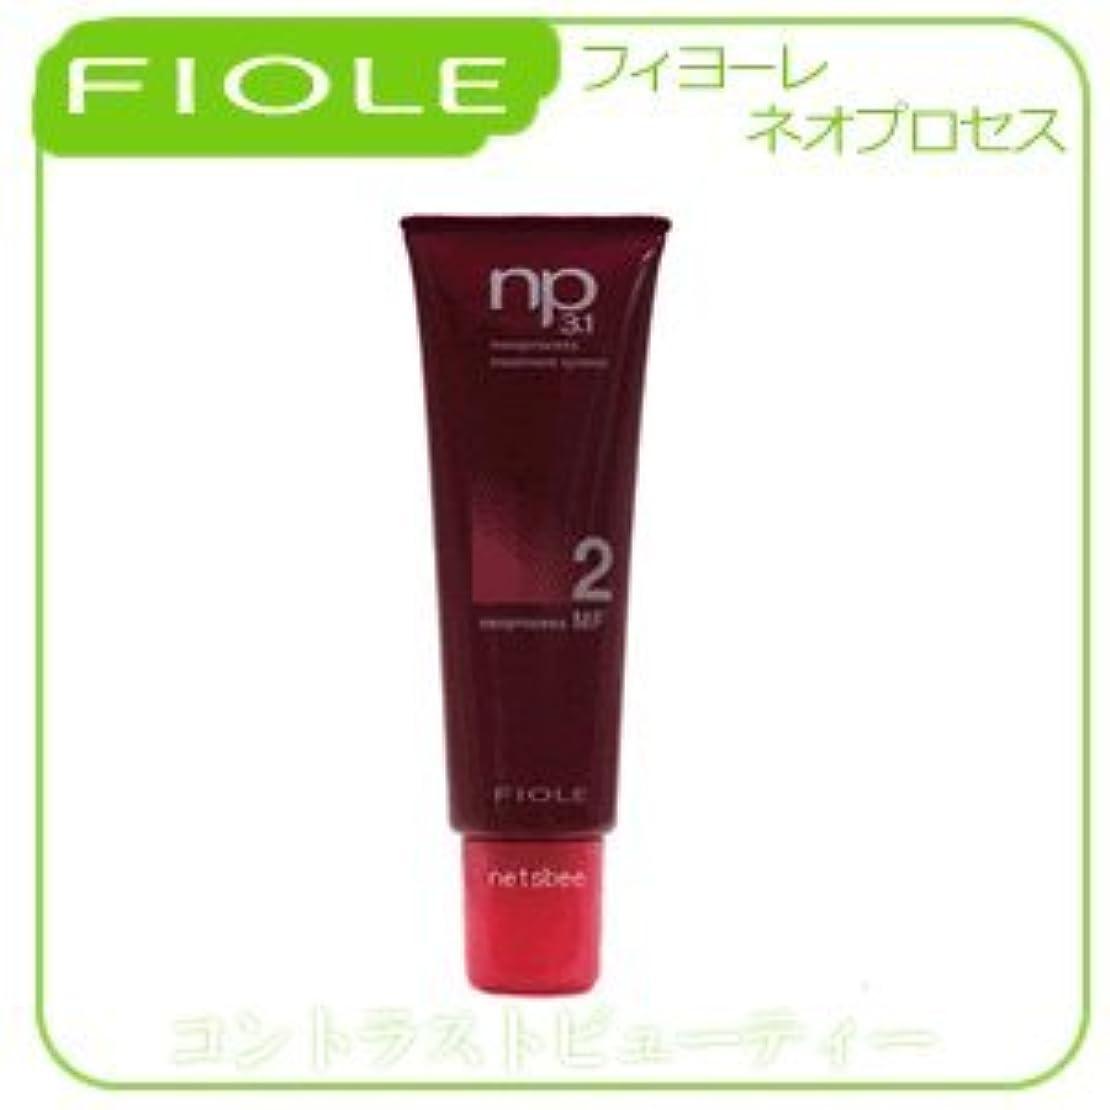 知り合いになるコマンドチーズフィヨーレ NP3.1 ネオプロセス MF2 130g FIOLE ネオプロセス